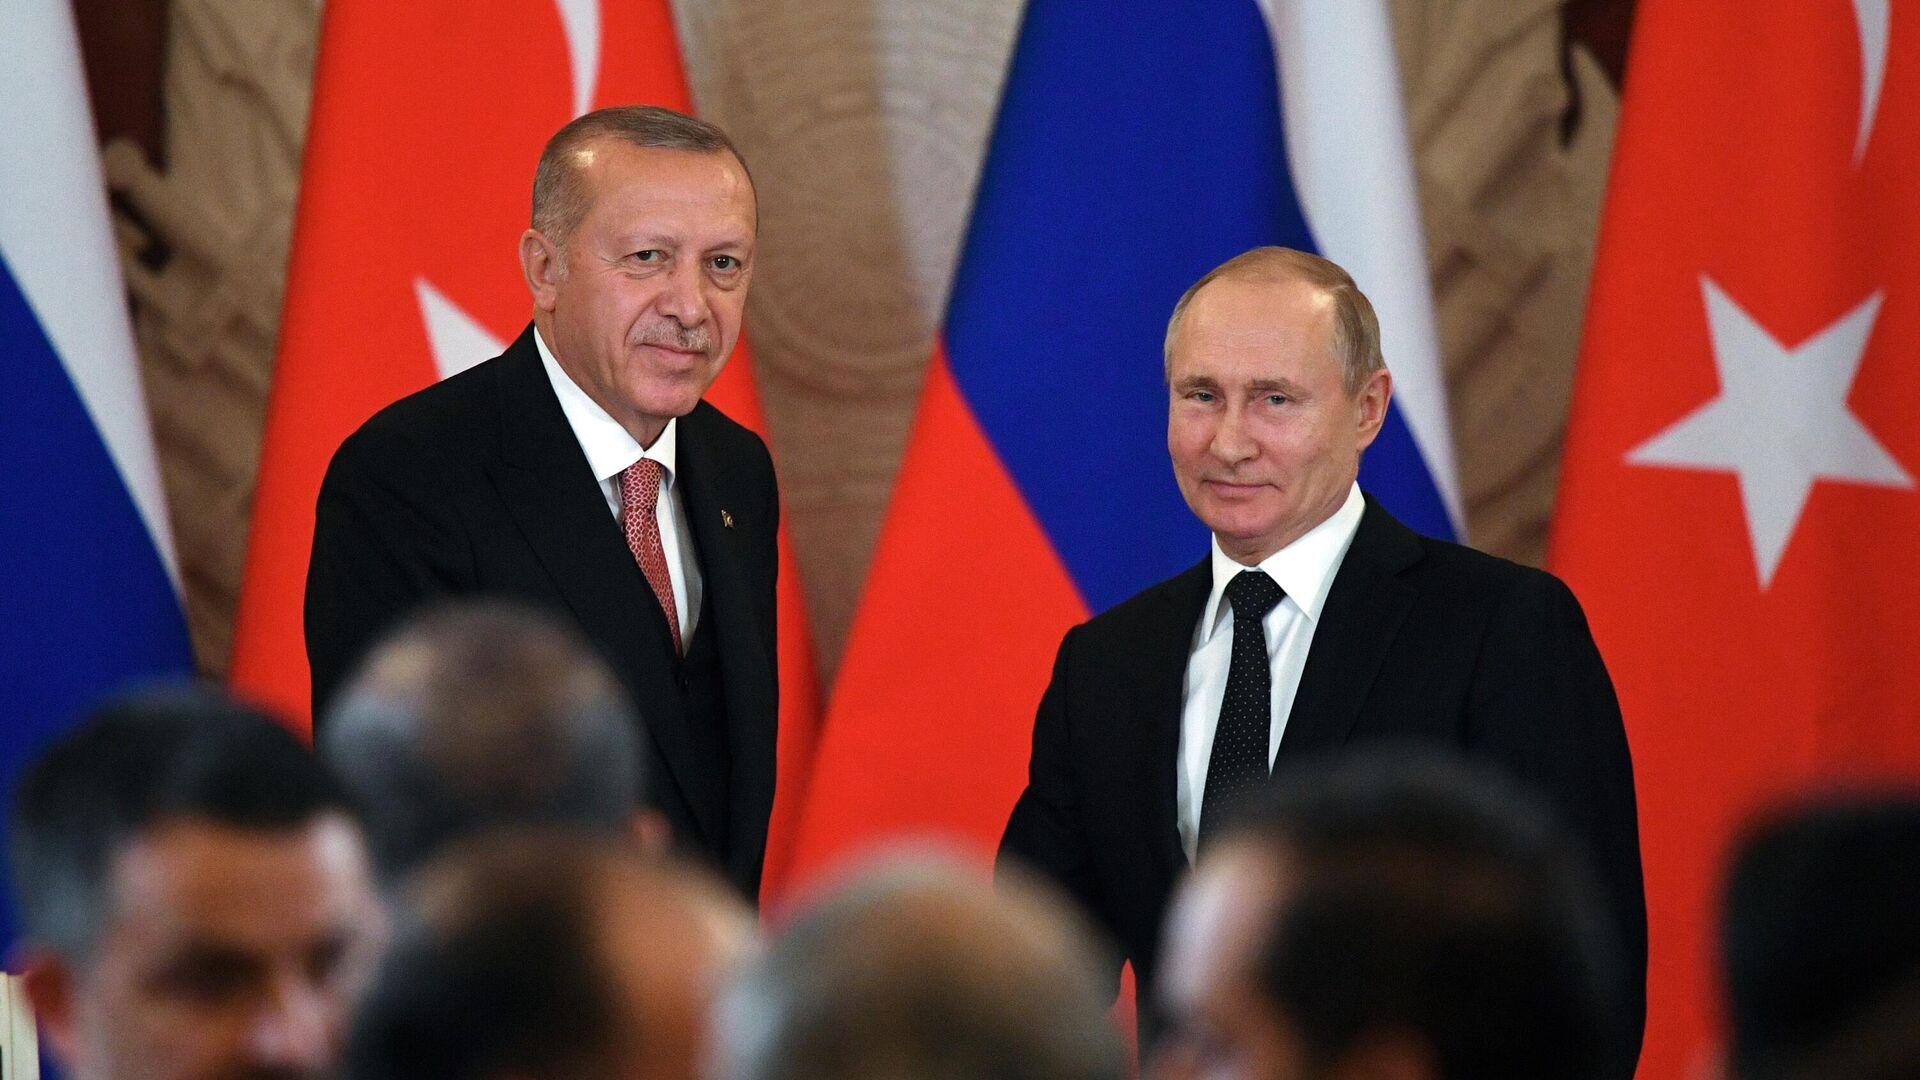 Президент РФ Владимир Путин и президент Турции Реджеп Тайип Эрдоган после пресс-конференции по итогам российско-турецких переговоров. 8 апреля 2019 - РИА Новости, 1920, 21.09.2021